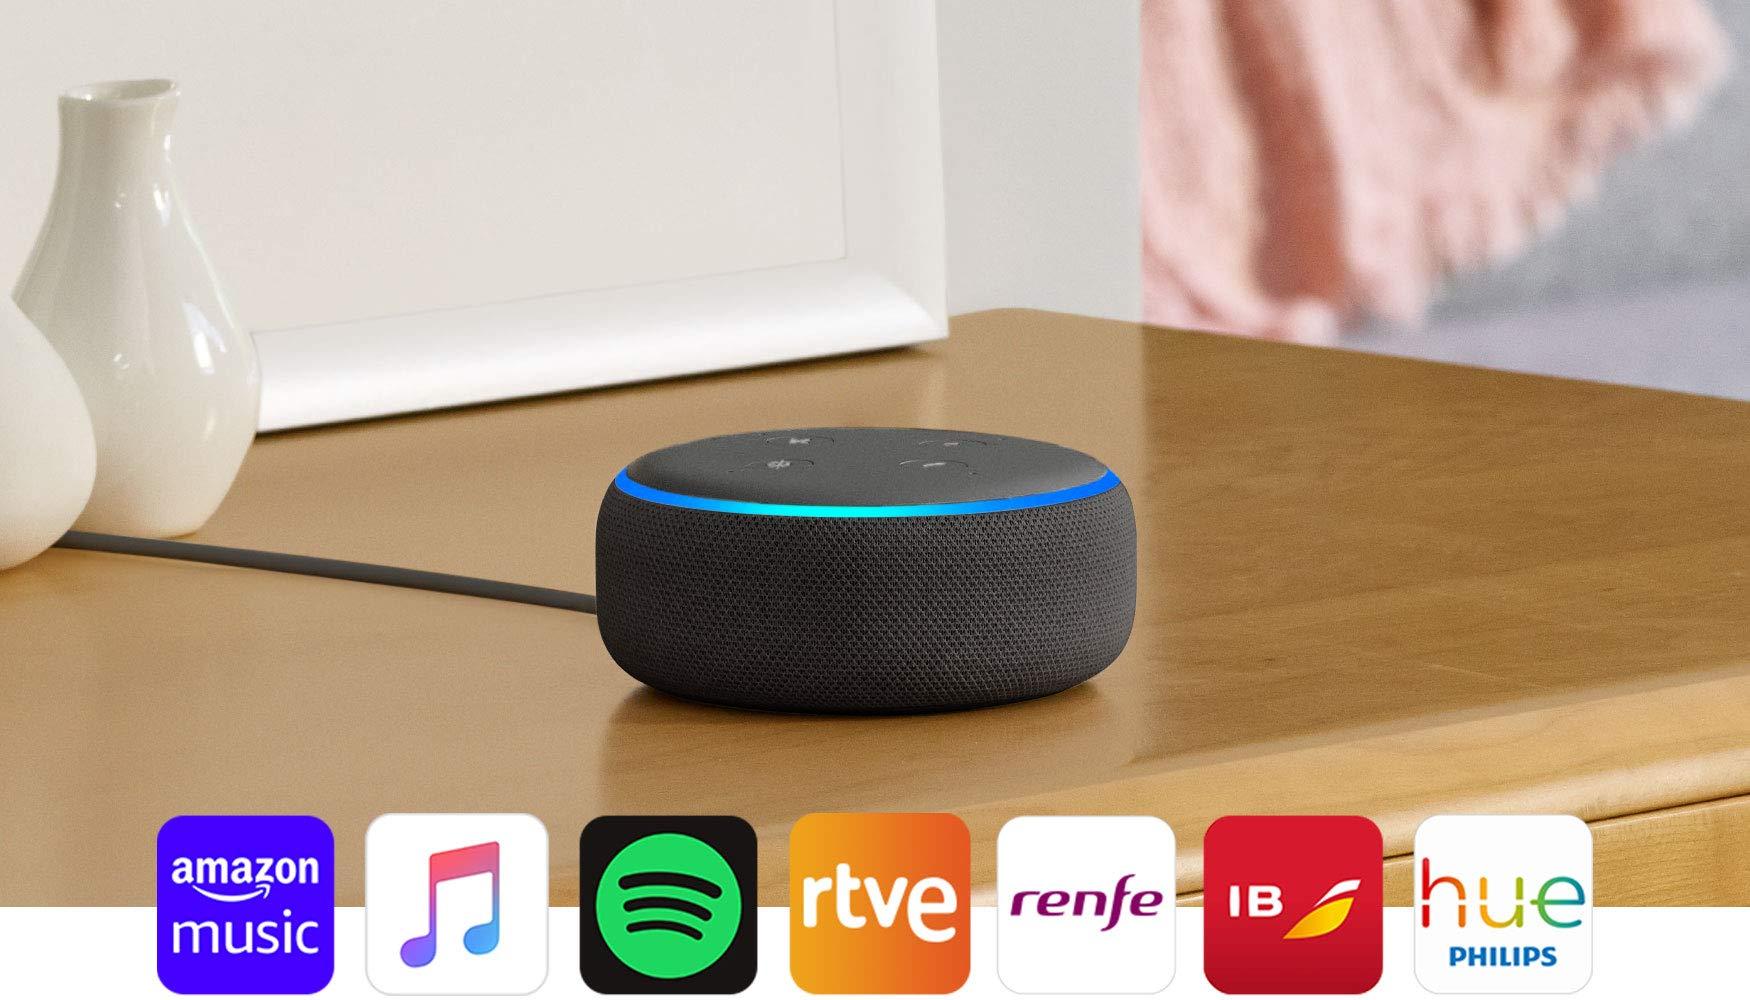 71VpgVmaHML El Echo Dot es un altavoz inteligente que se controla con la voz. Se conecta a Alexa para reproducir música, responder a preguntas, narrar las noticias, consultar la previsión del tiempo, configurar alarmas, controlar dispositivos de Hogar digital compatibles y mucho más. El altavoz integrado ofrece un sonido nítido e intenso, y te permite disfrutar de canciones en streaming a través de Amazon Music, Spotify Premium, TuneIn y otros servicios. Llama a cualquiera que tenga un dispositivo Echo o la app Alexa sin mover un dedo. También tienes la posibilidad de usar Drop In para conectar con otras habitaciones de tu hogar en las que tengas un dispositivo Echo compatible.